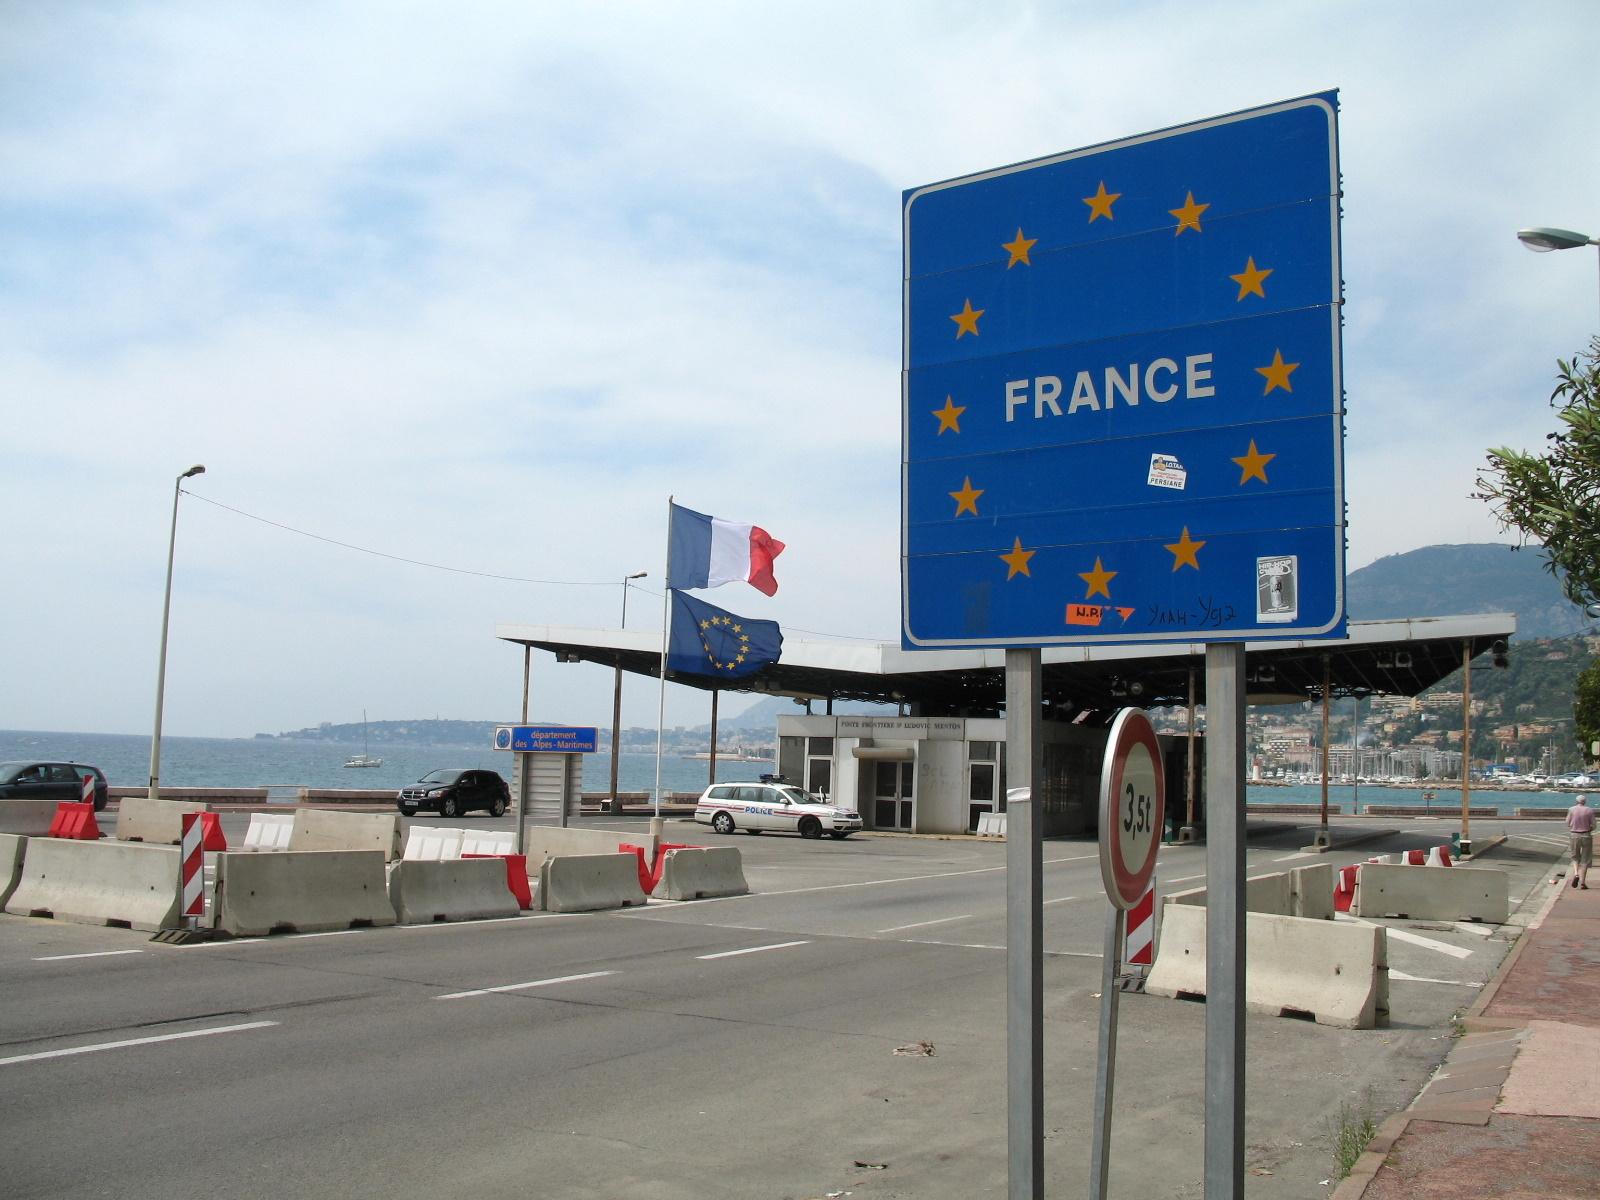 Naujienos iš Prancūzijos: didėja kelių mokesčių tarifai ir minimalus atlyginimas